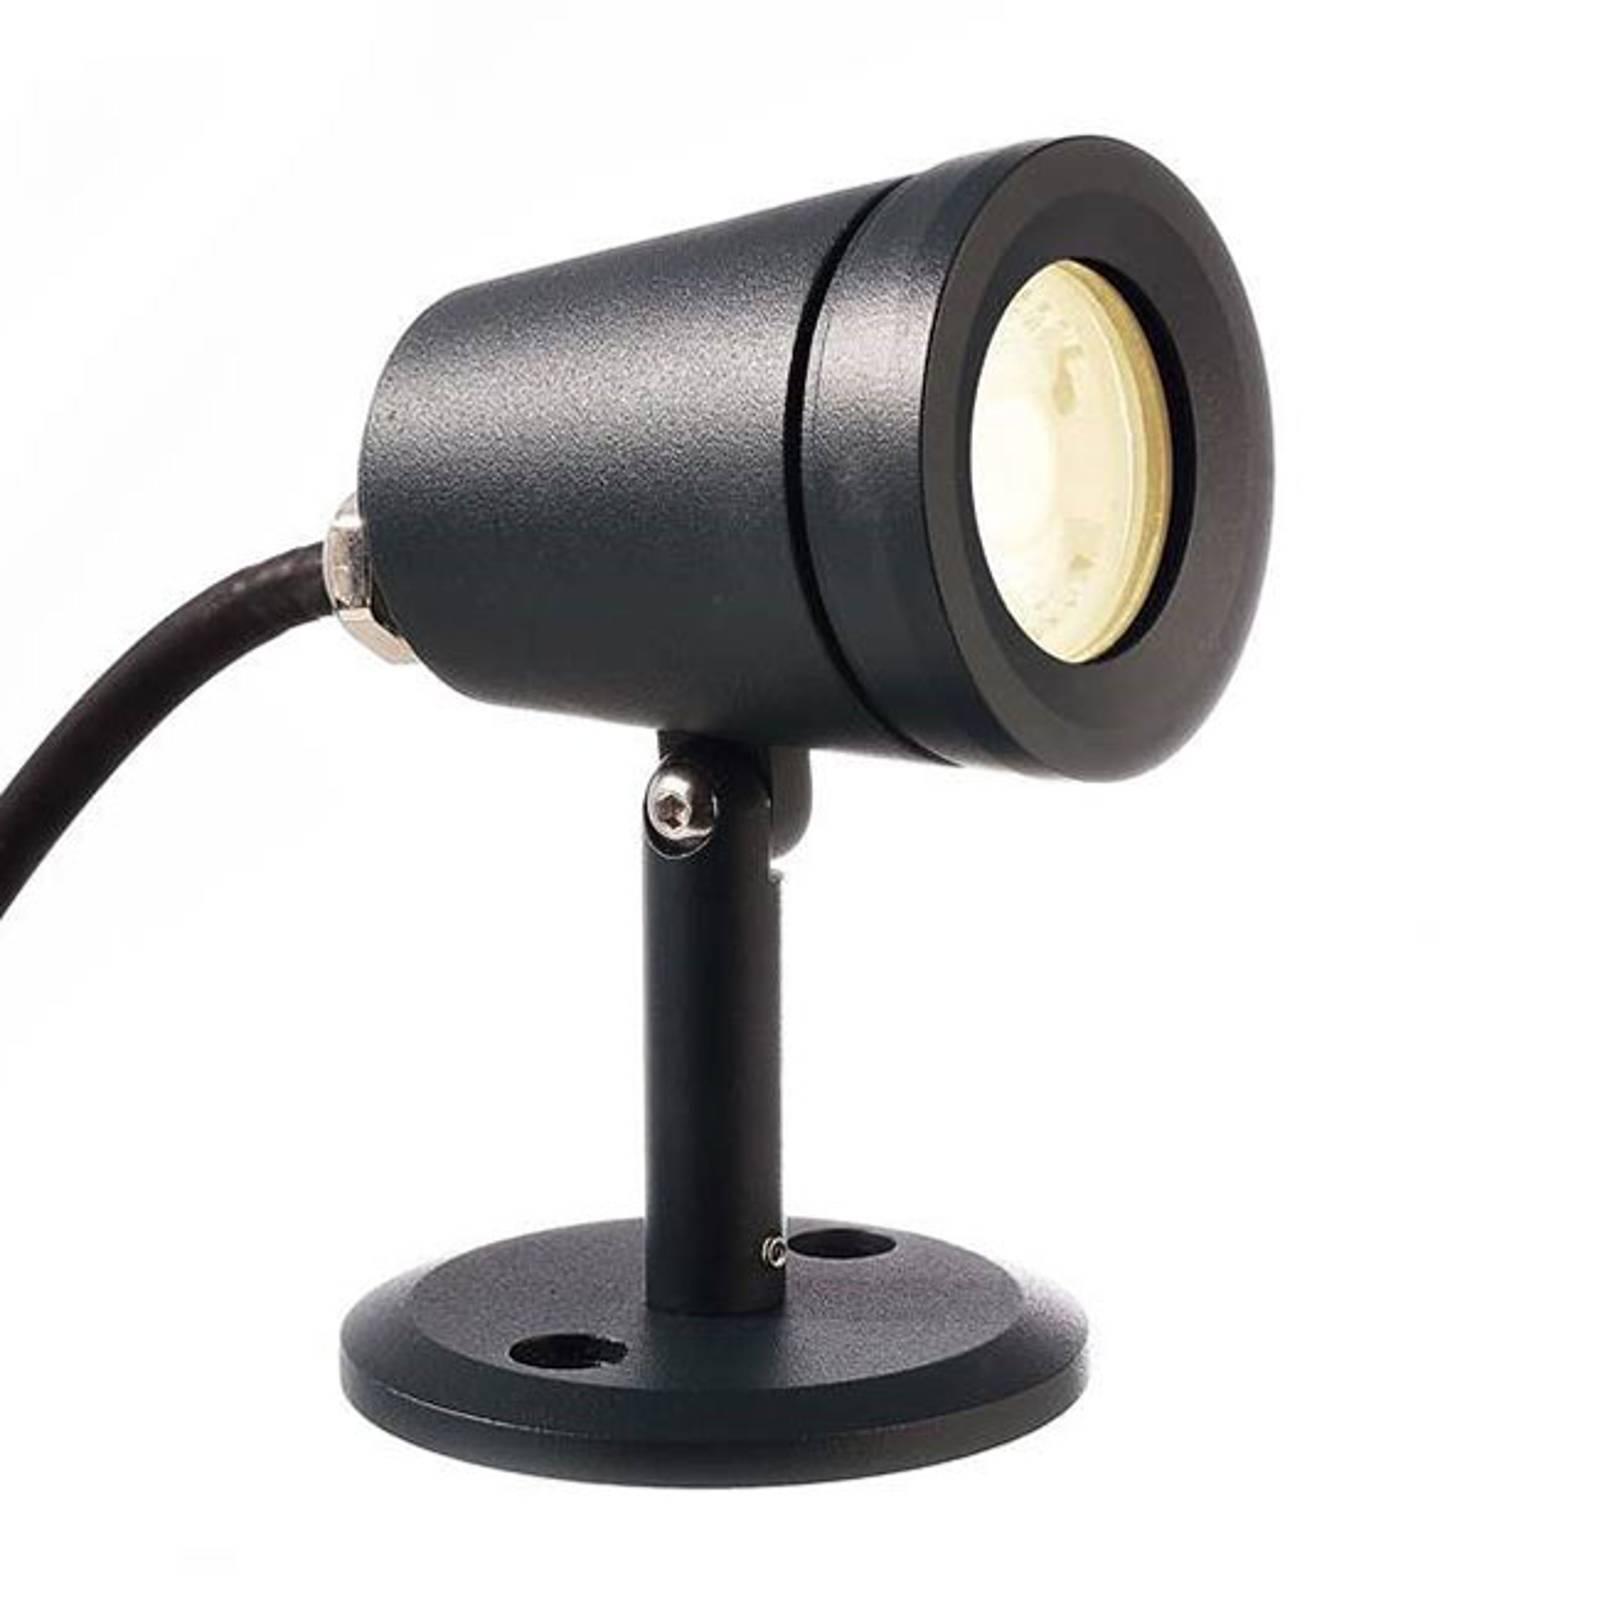 LED-Außenstrahler Colt, warmweiß, drehbar, 4 W